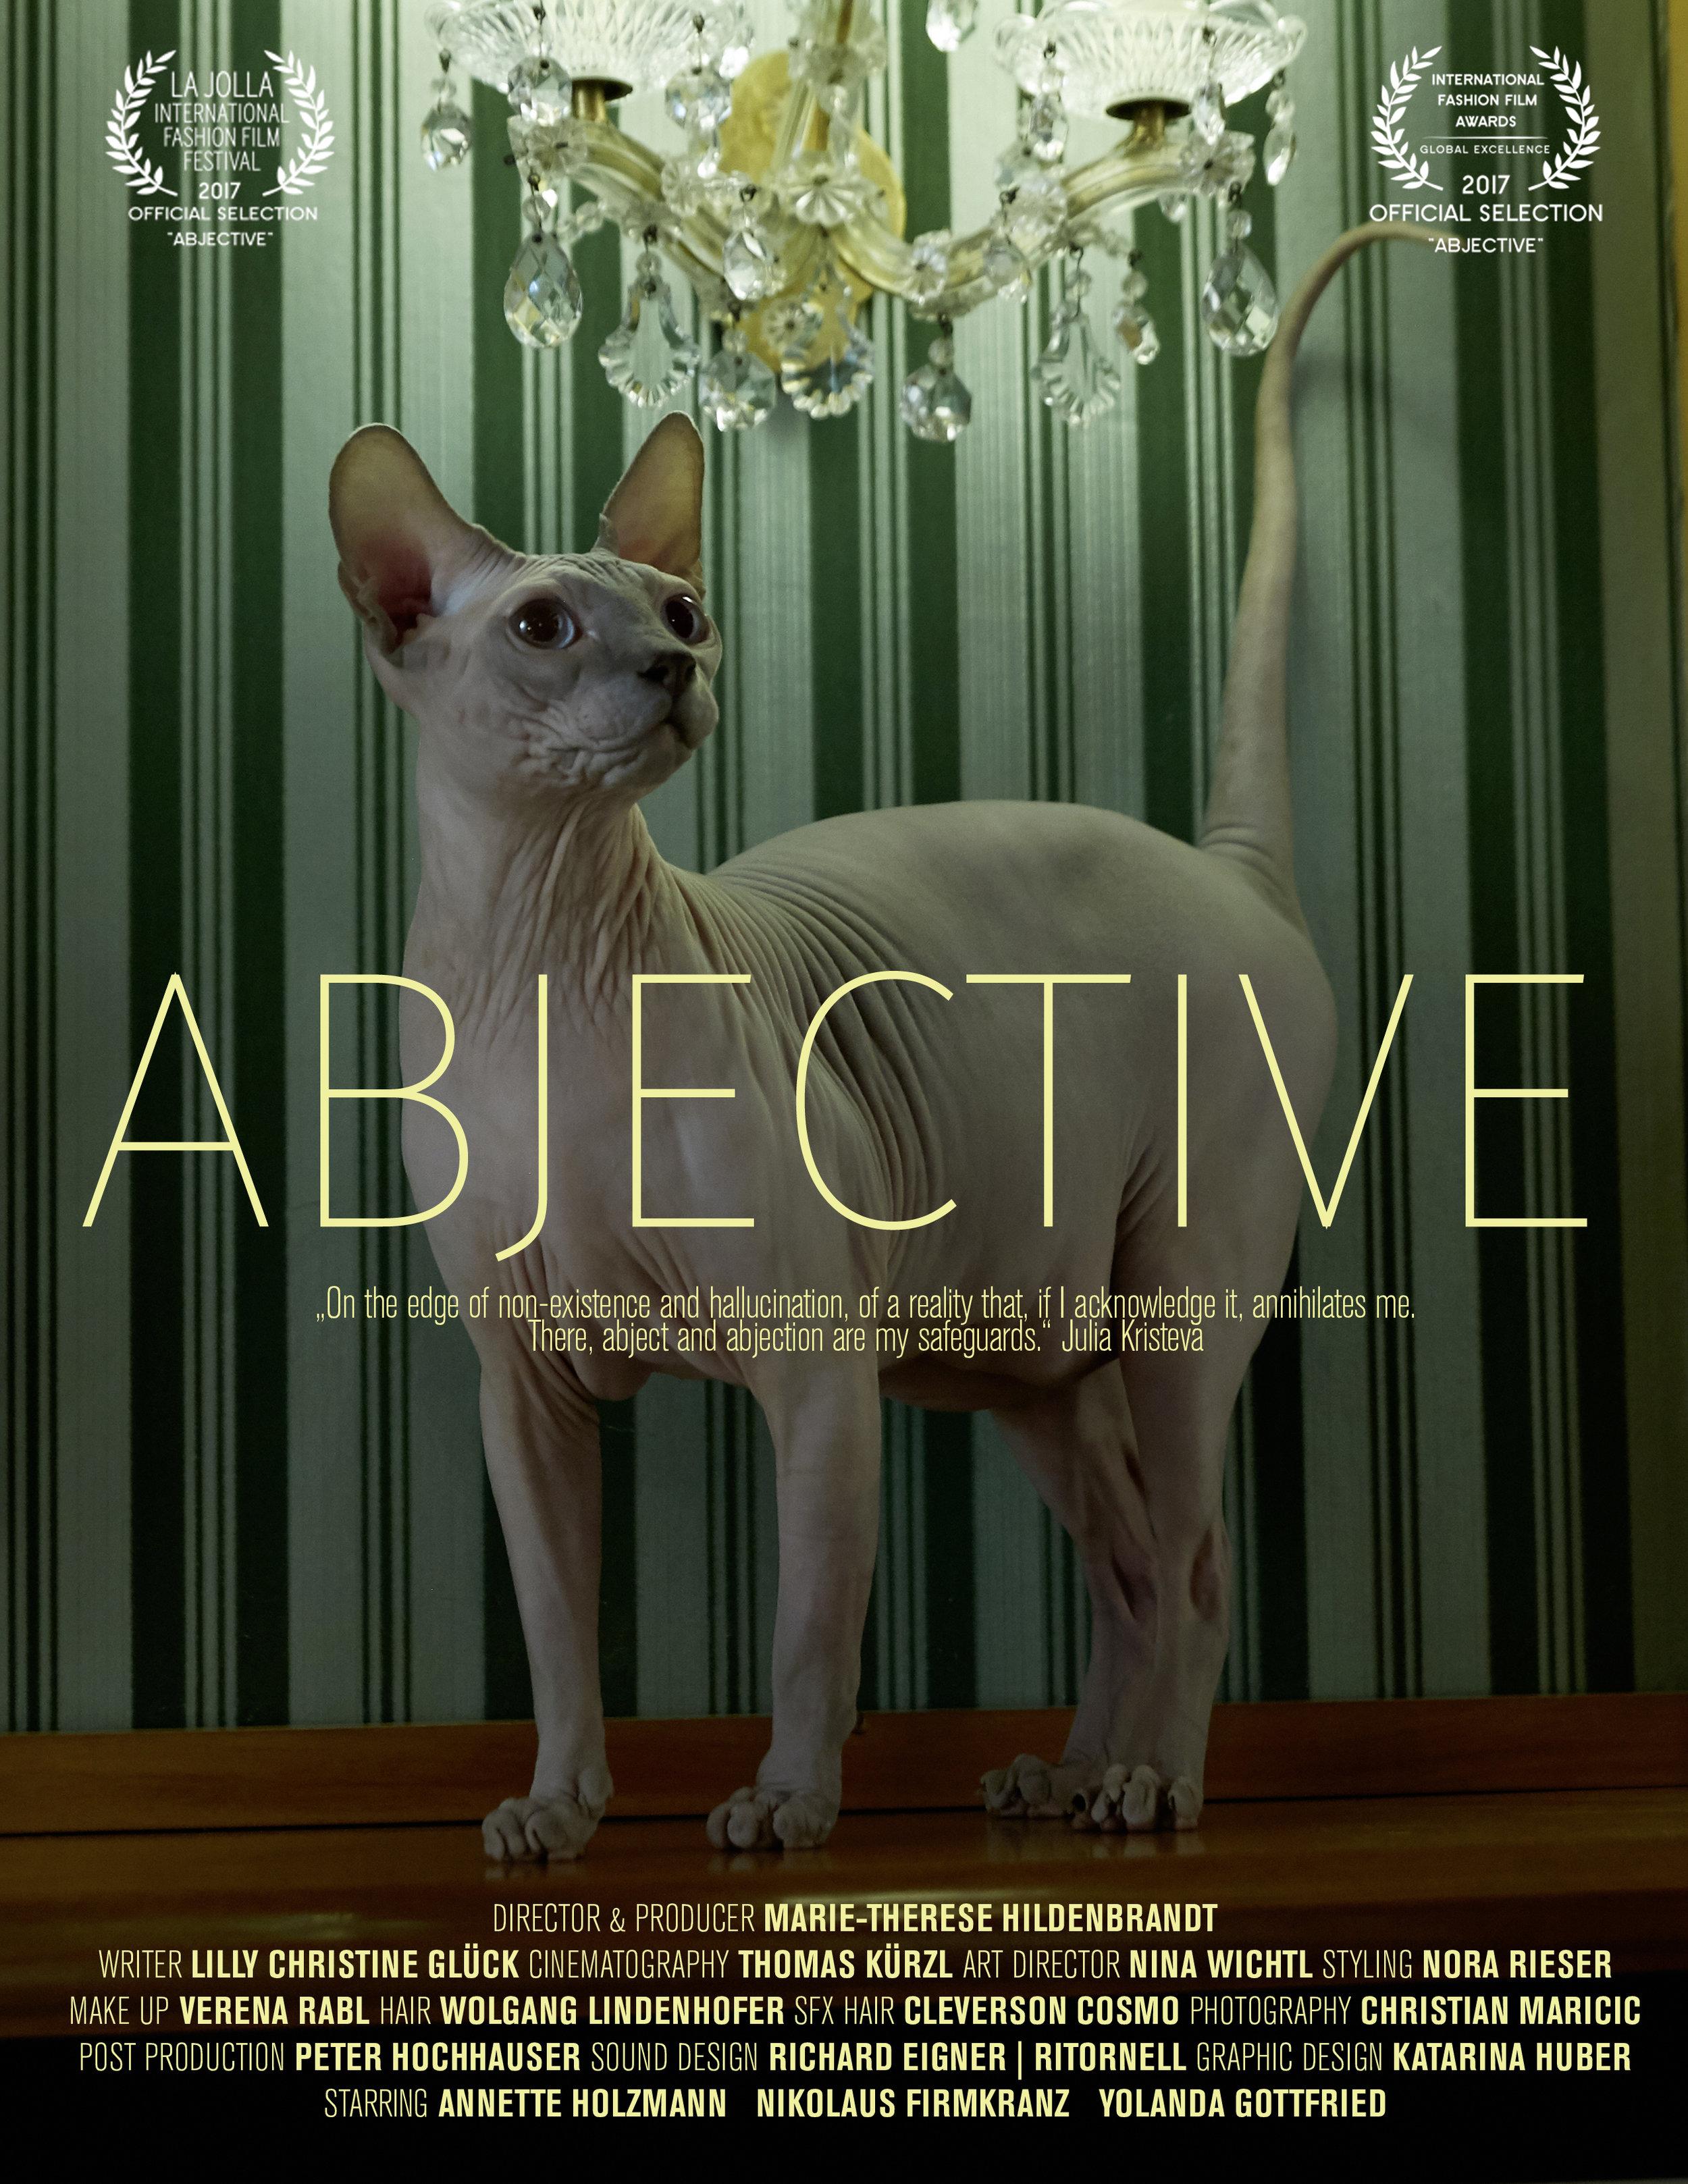 abjective_filmposter_cat_2.jpg